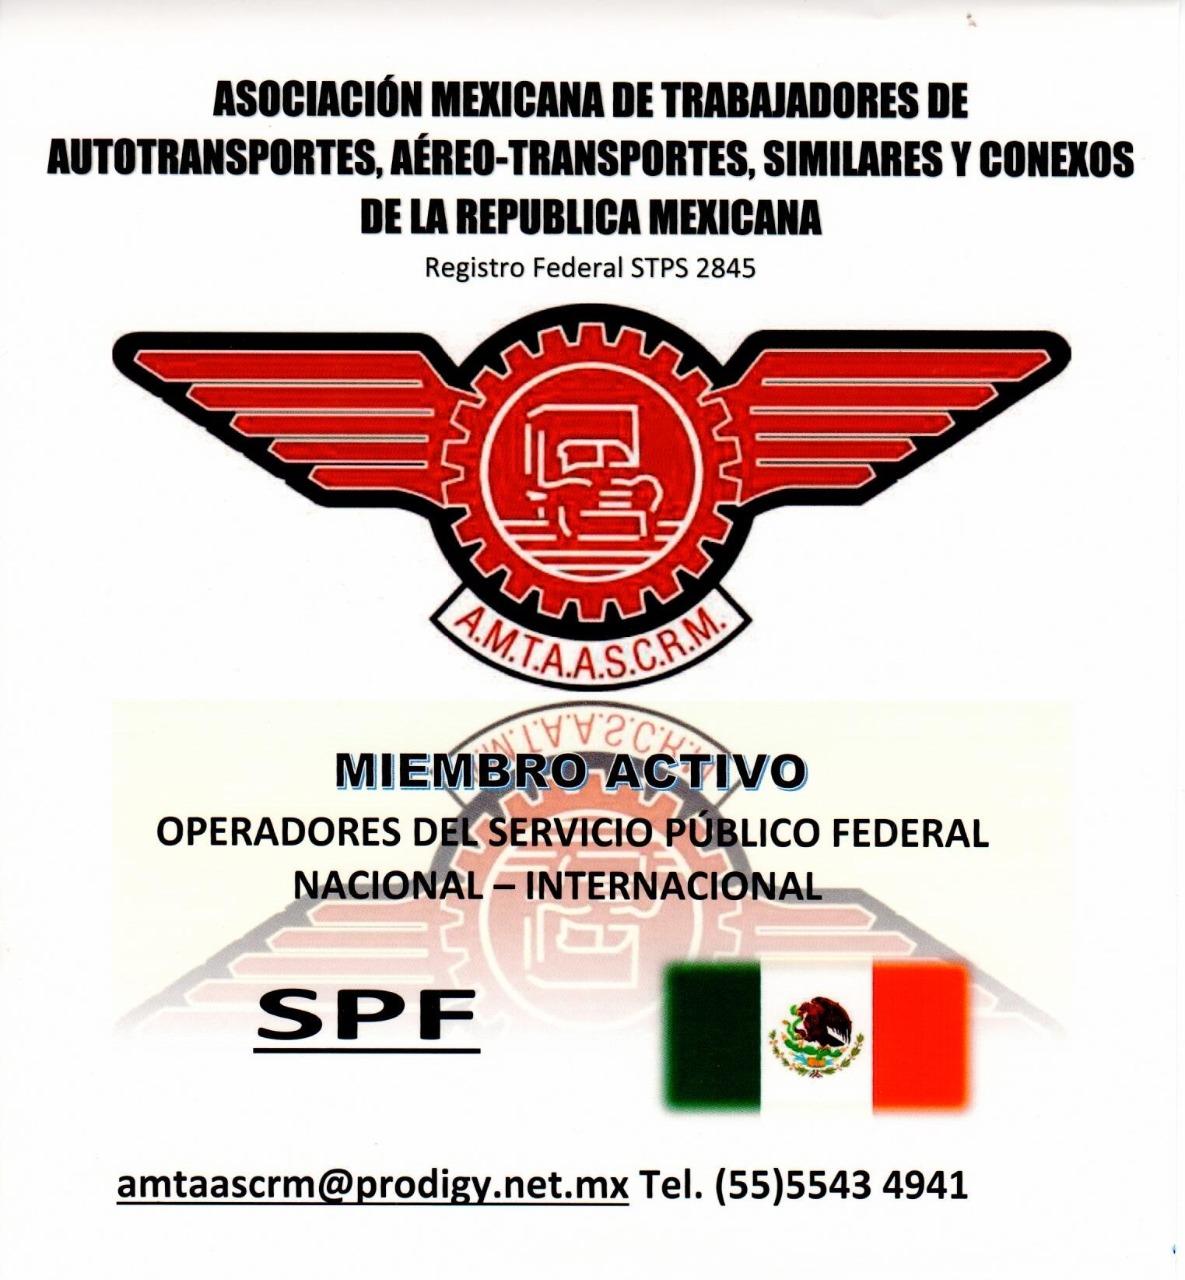 ASOCIACIÓN MEXICANA DE TRABAJADORES DE AUTOTRANSPORTES, AÉREO-TRANSPORTES, SIMILARES Y CONEXOS DE LA REPÚBLICA MEXICANA